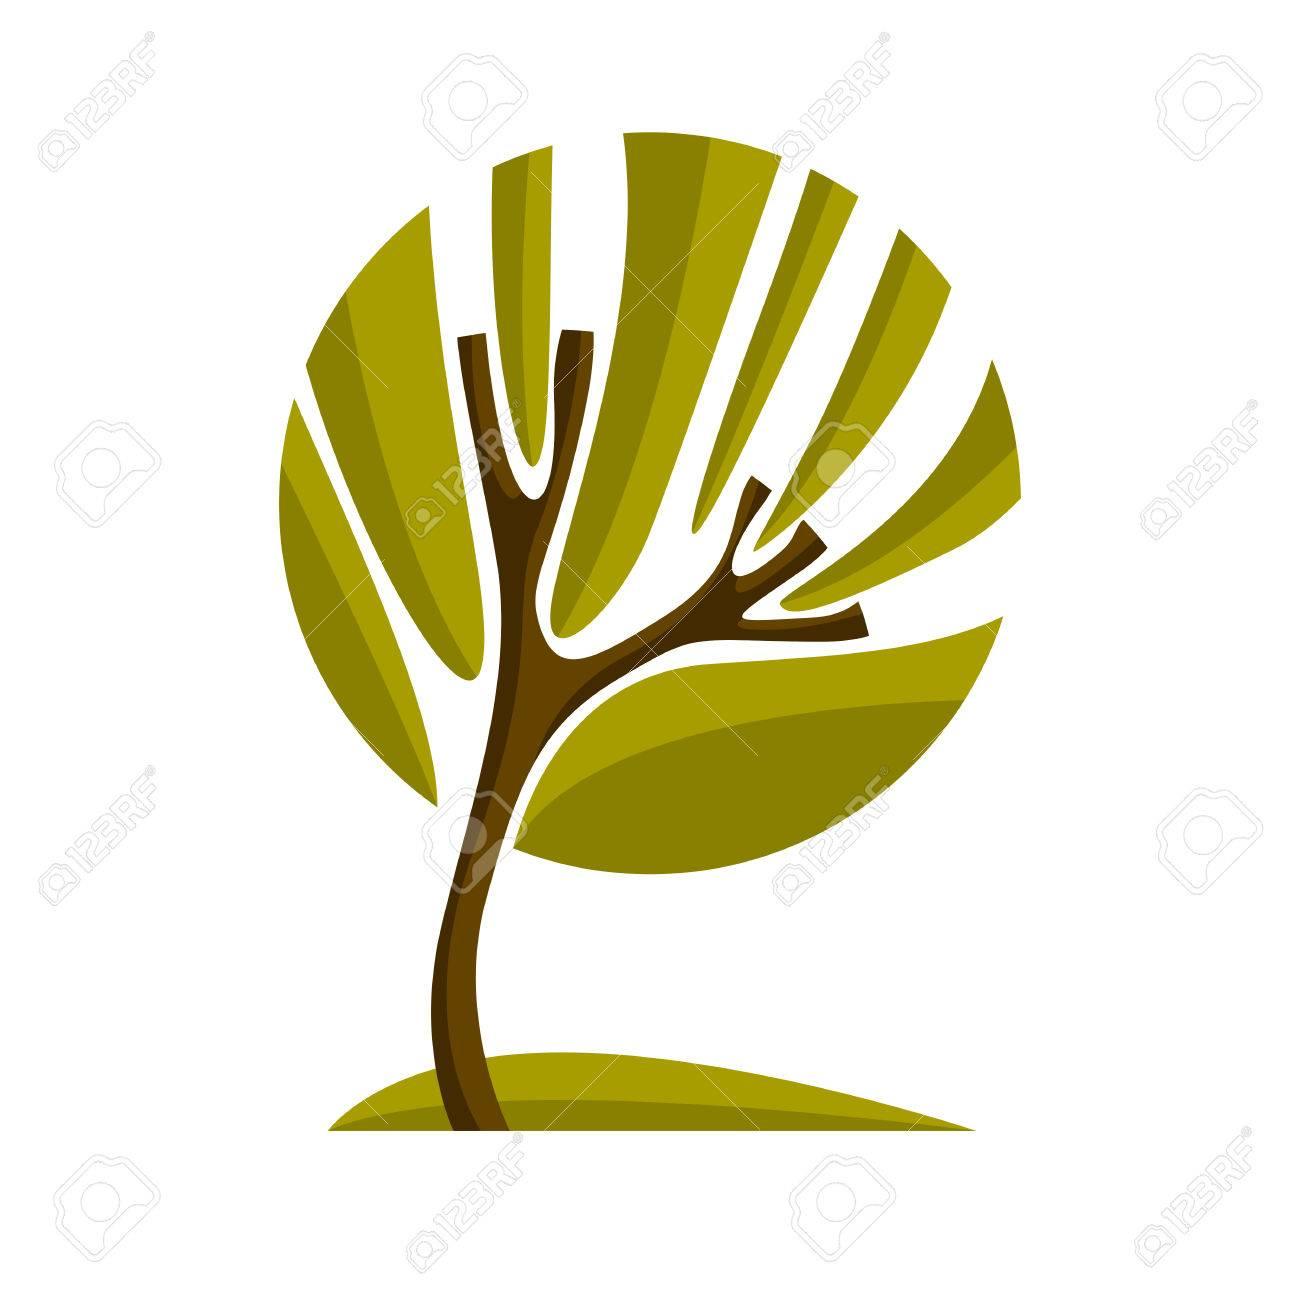 Vettoriale Artistico Simbolo Stilizzato Disegno Naturale Creativo